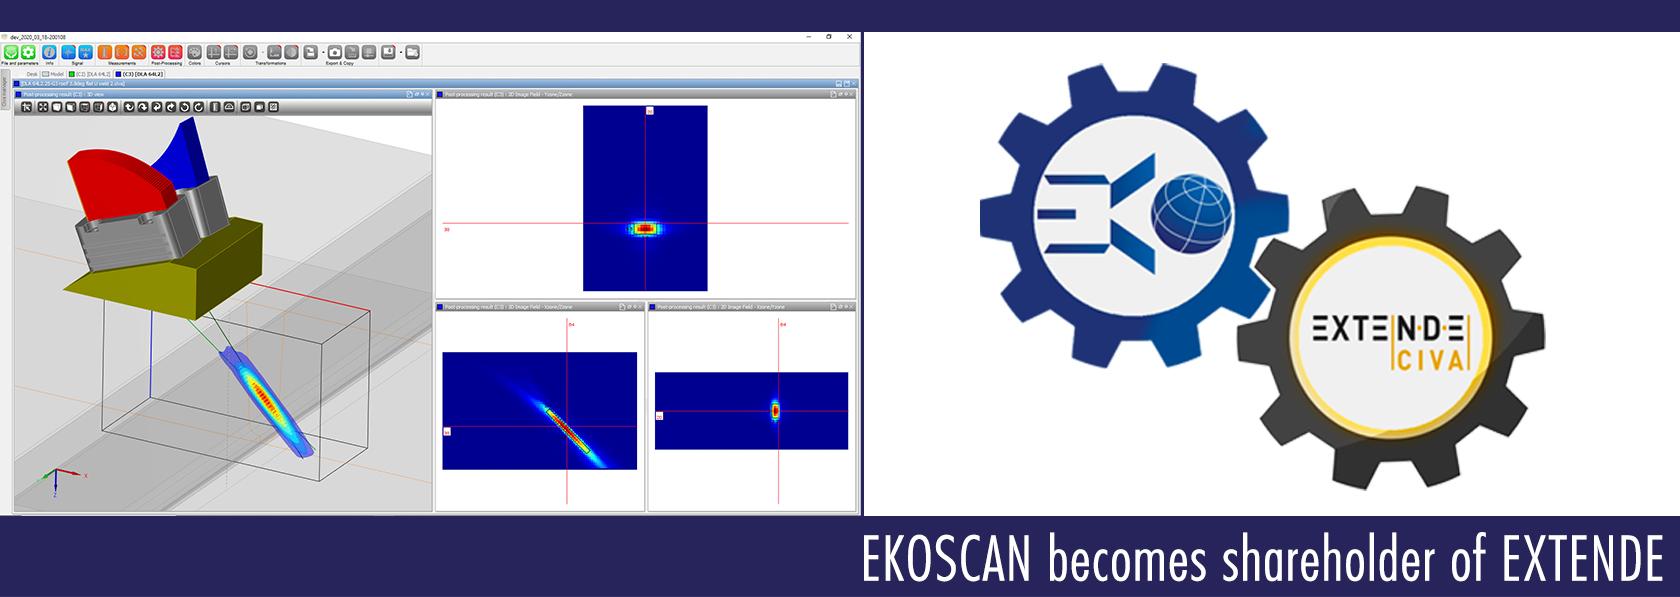 Ekoscan devient actionnaire d'Extende